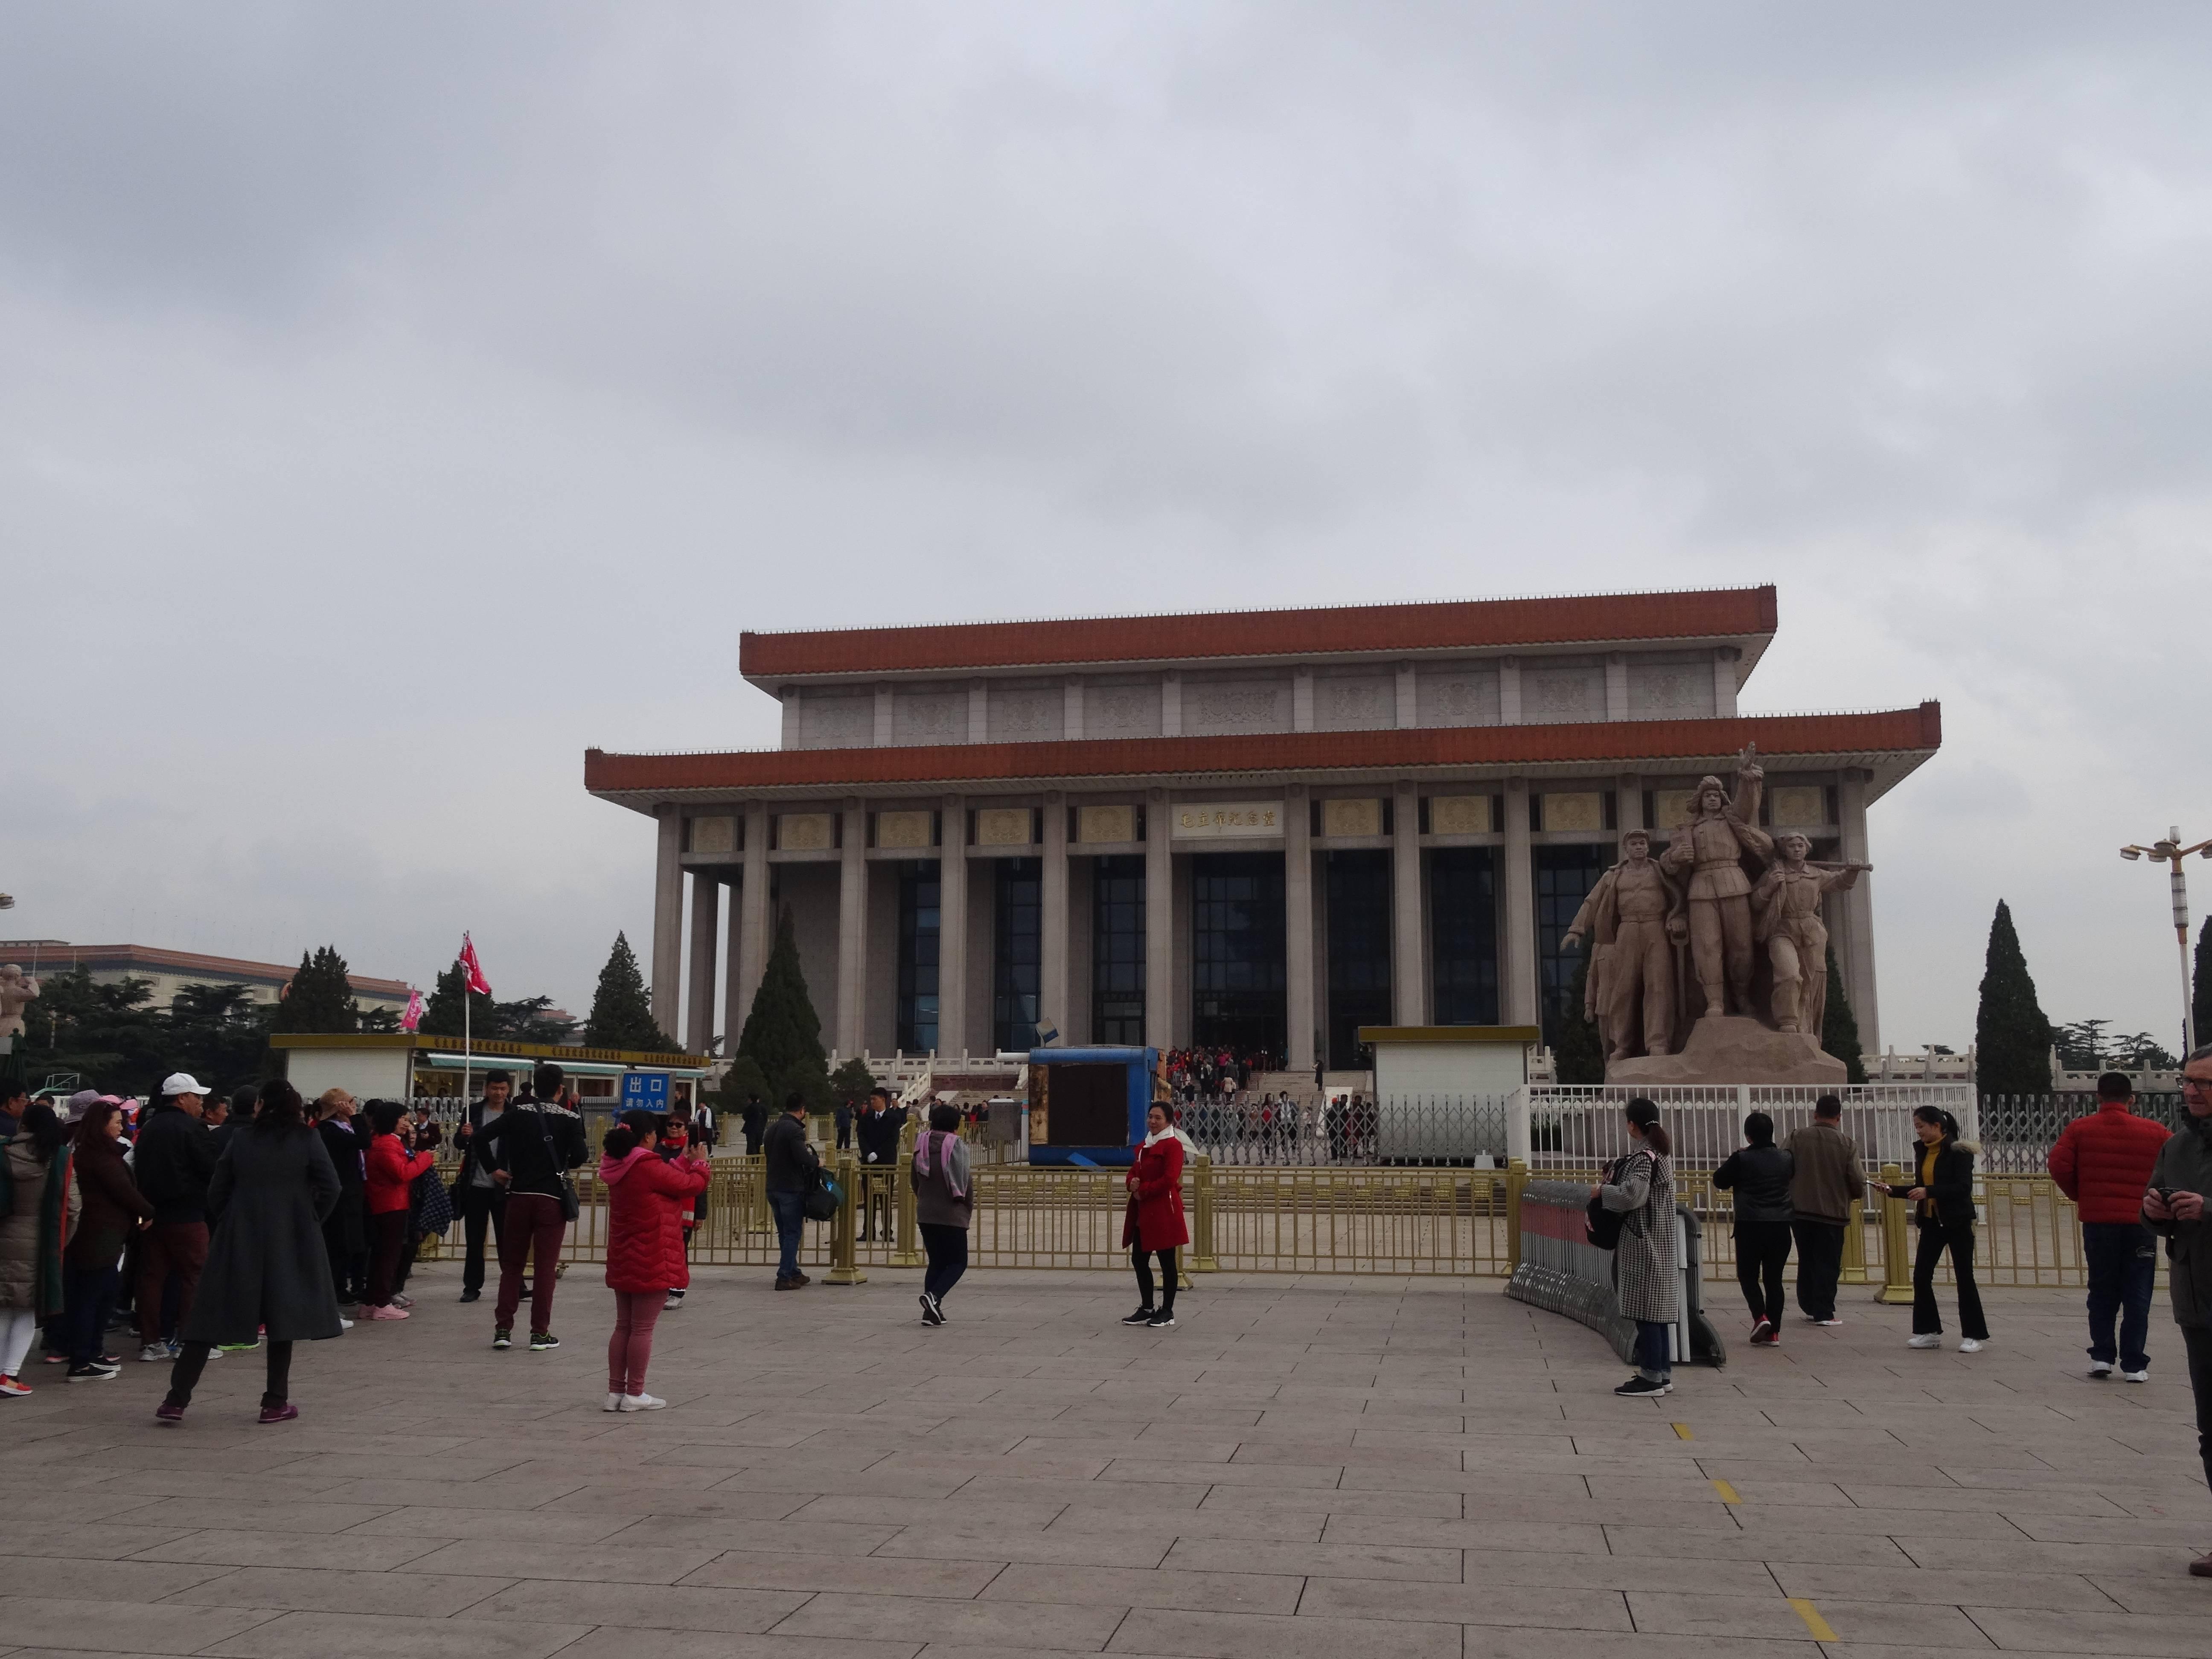 Photo 3: Chine, Pékin, la Place Tien'anmen....un incontournable...